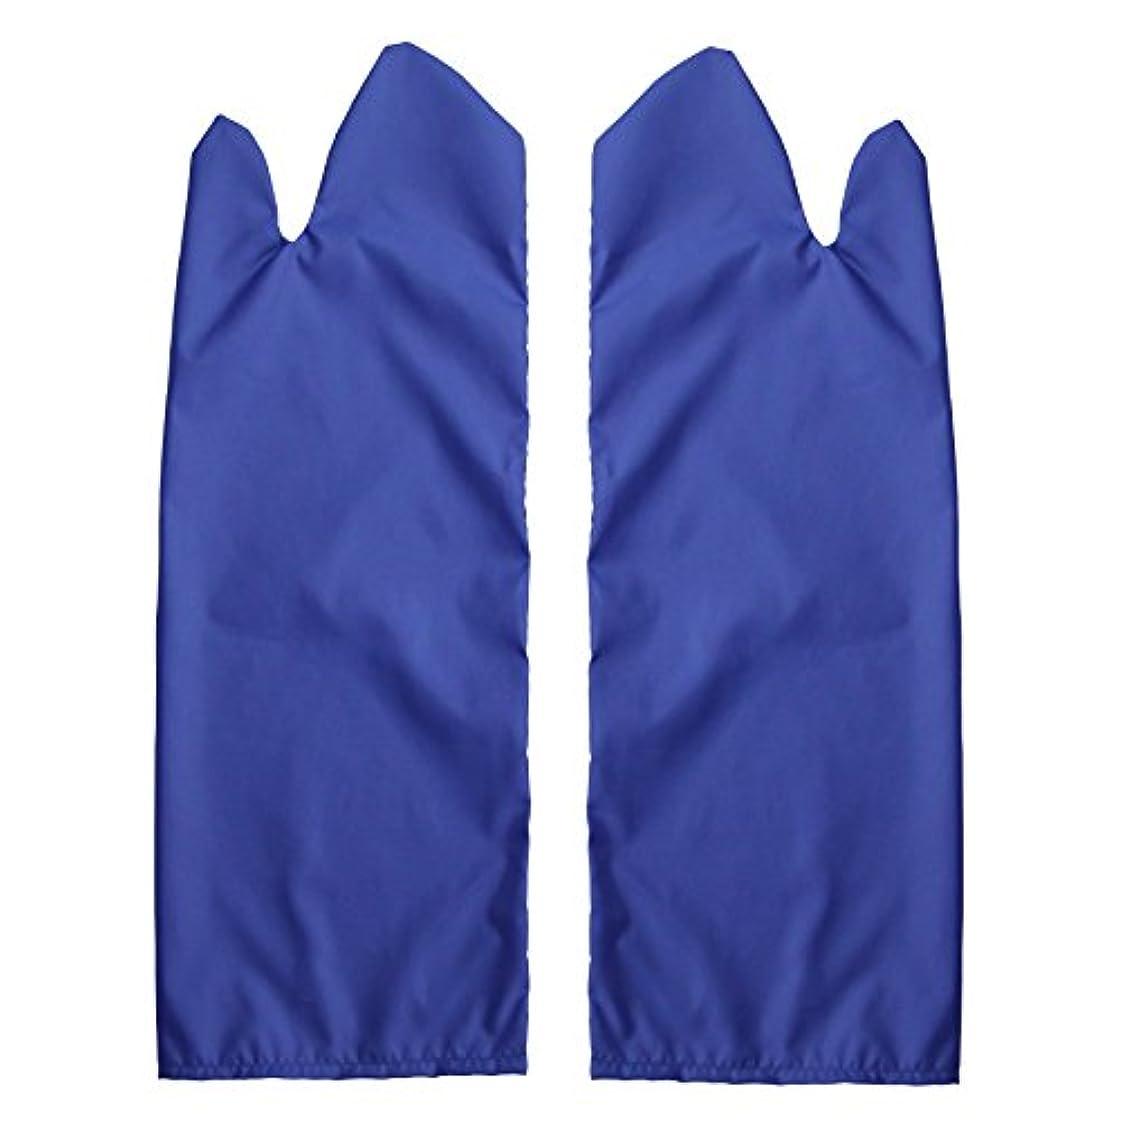 器官固有のシンポジウム体位変換用スライディンググローブ 撥水(ブルー) L /7-3681-04